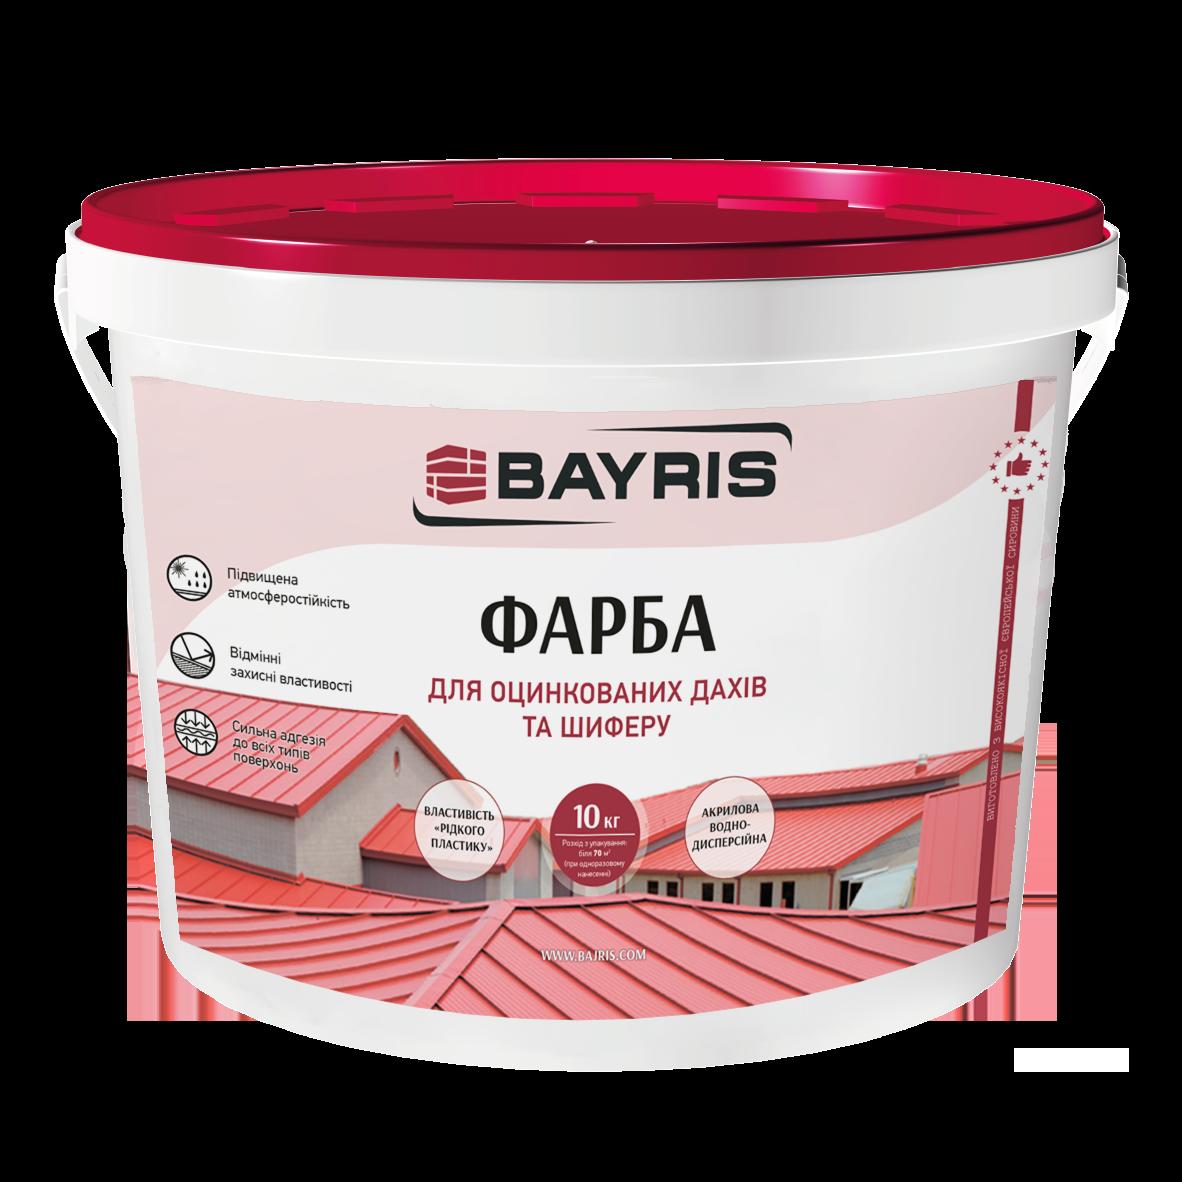 Фарба для шиферу і оцинковки БАЙРІС коричнева 2,5 кг